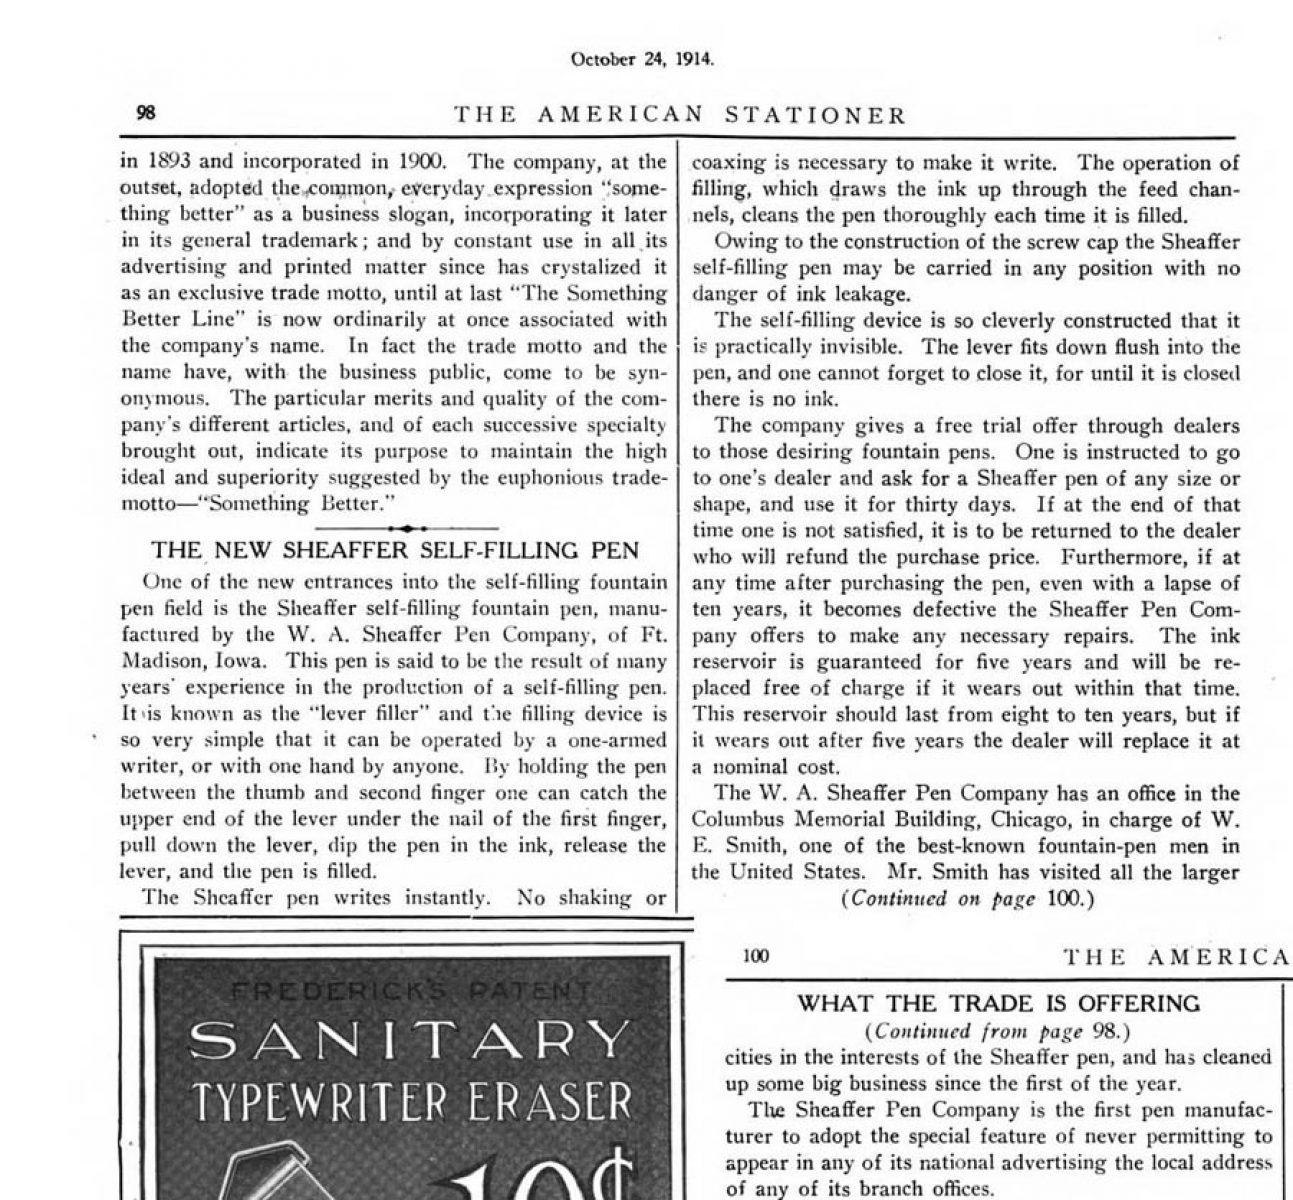 1914 10 24 Sheaffer garantiza el saquito por 5 años